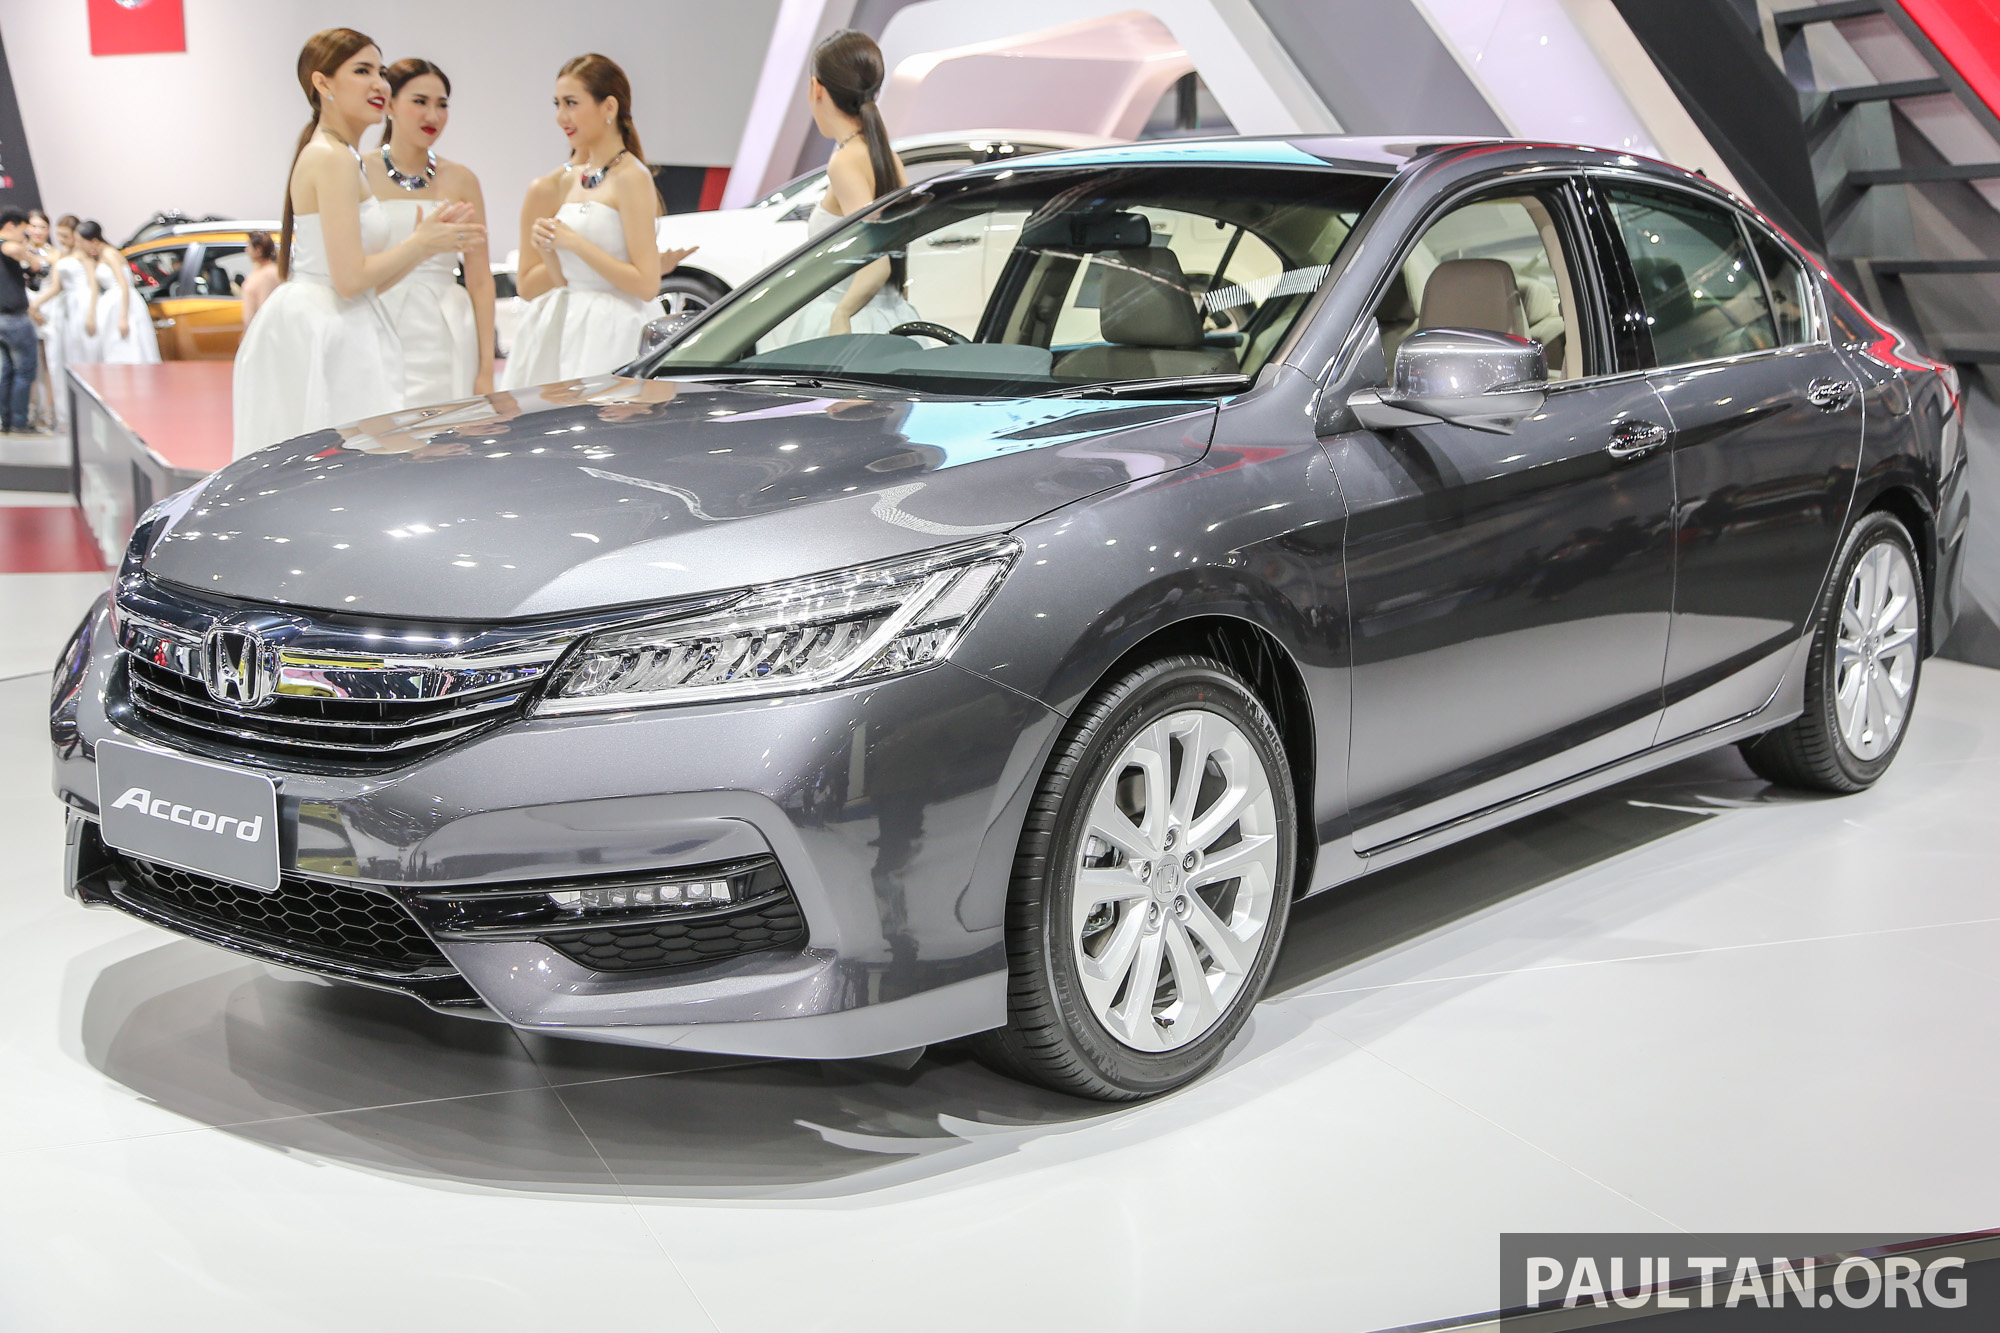 2018 Honda Accord Pictures >> GALERI: Honda Accord facelift di Bangkok 2016 Paul Tan - Image 465372